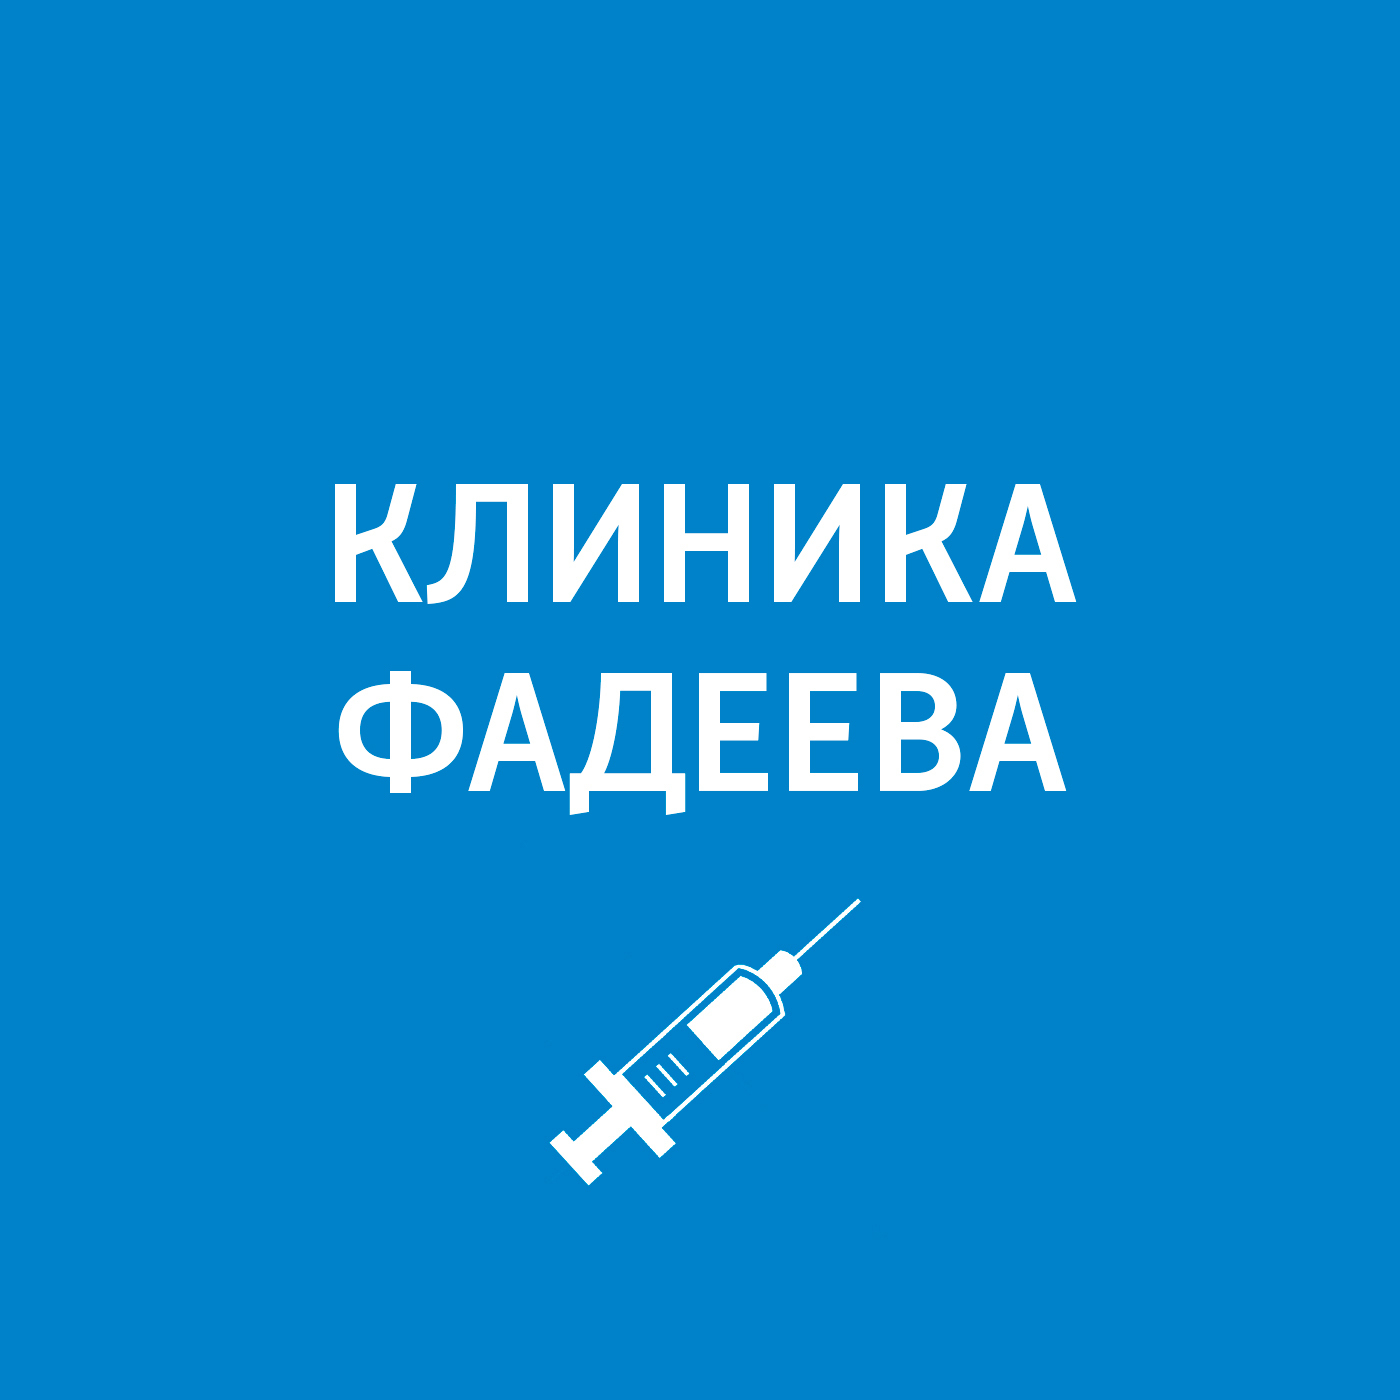 Пётр Фадеев Врач-офтальмолог пётр фадеев ветеринар герпетолог